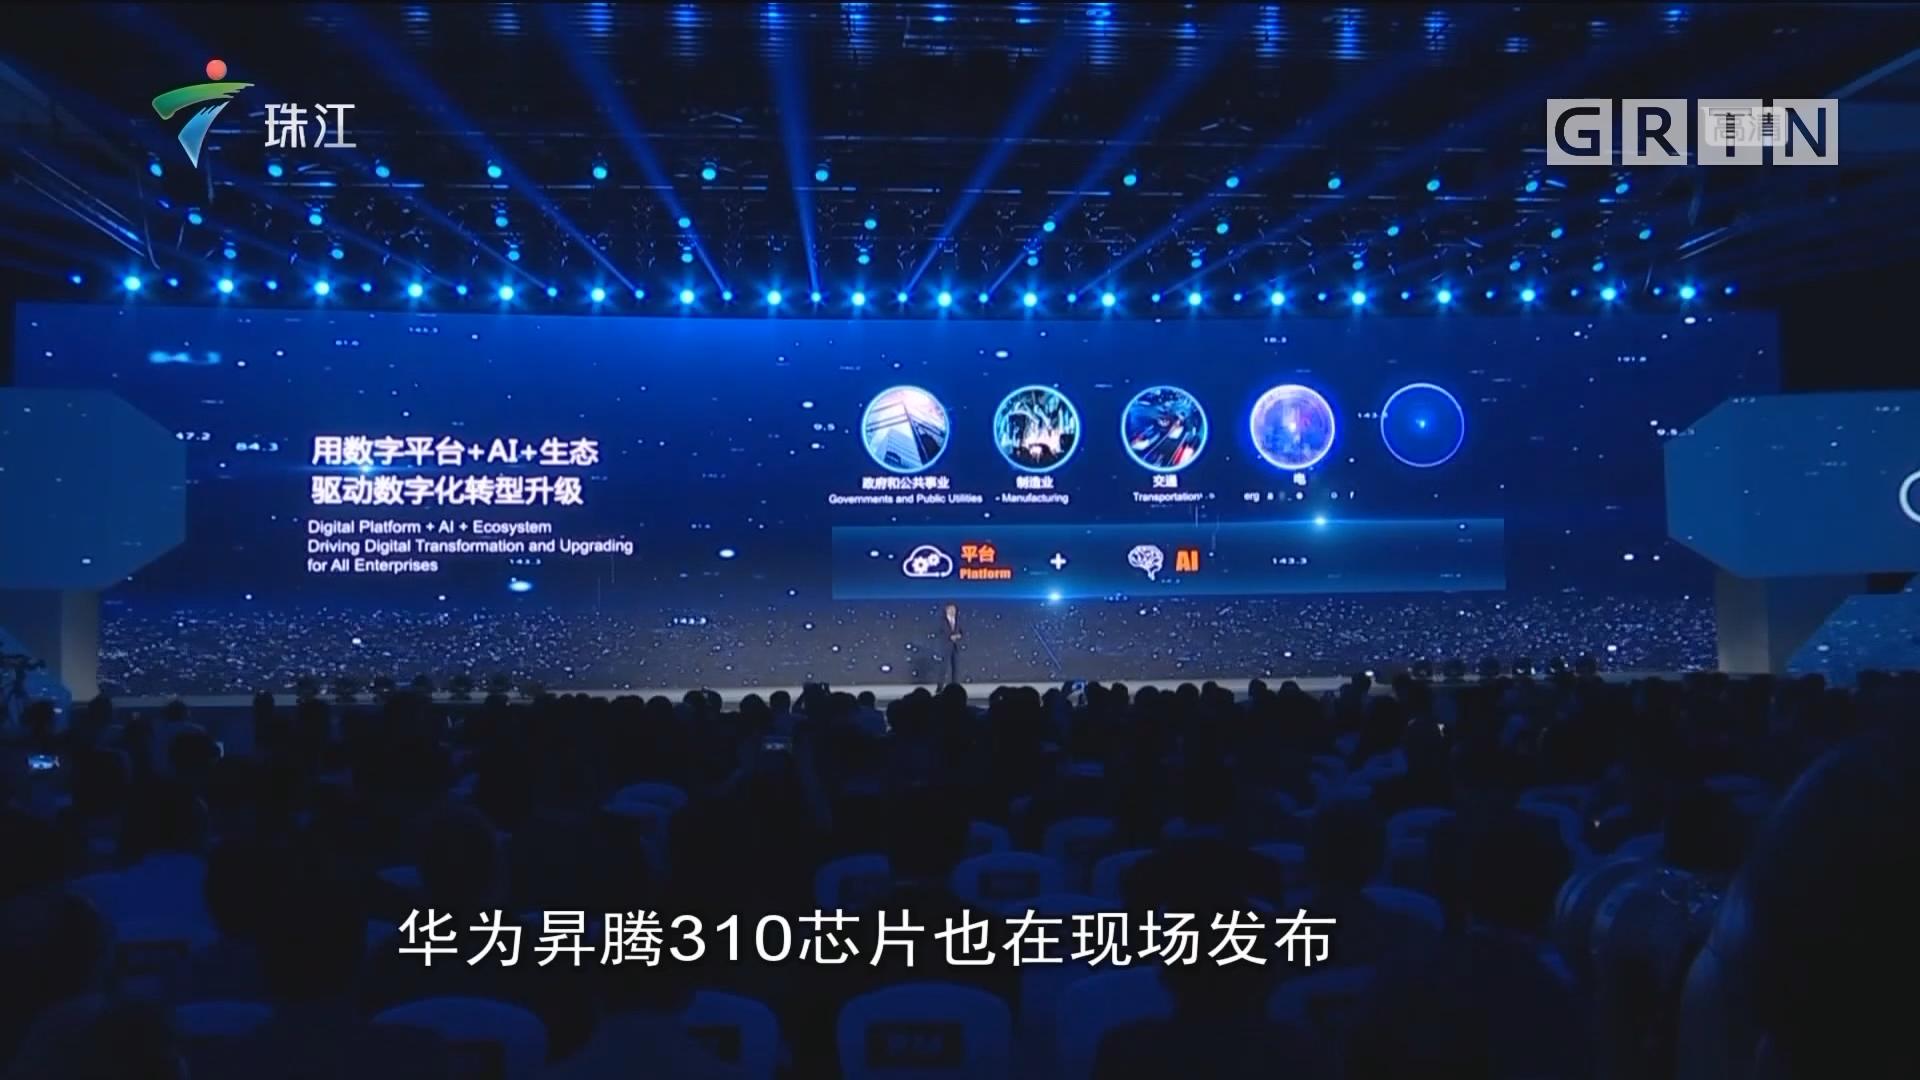 第五届世界互联网大会:发布15项领先科技成果